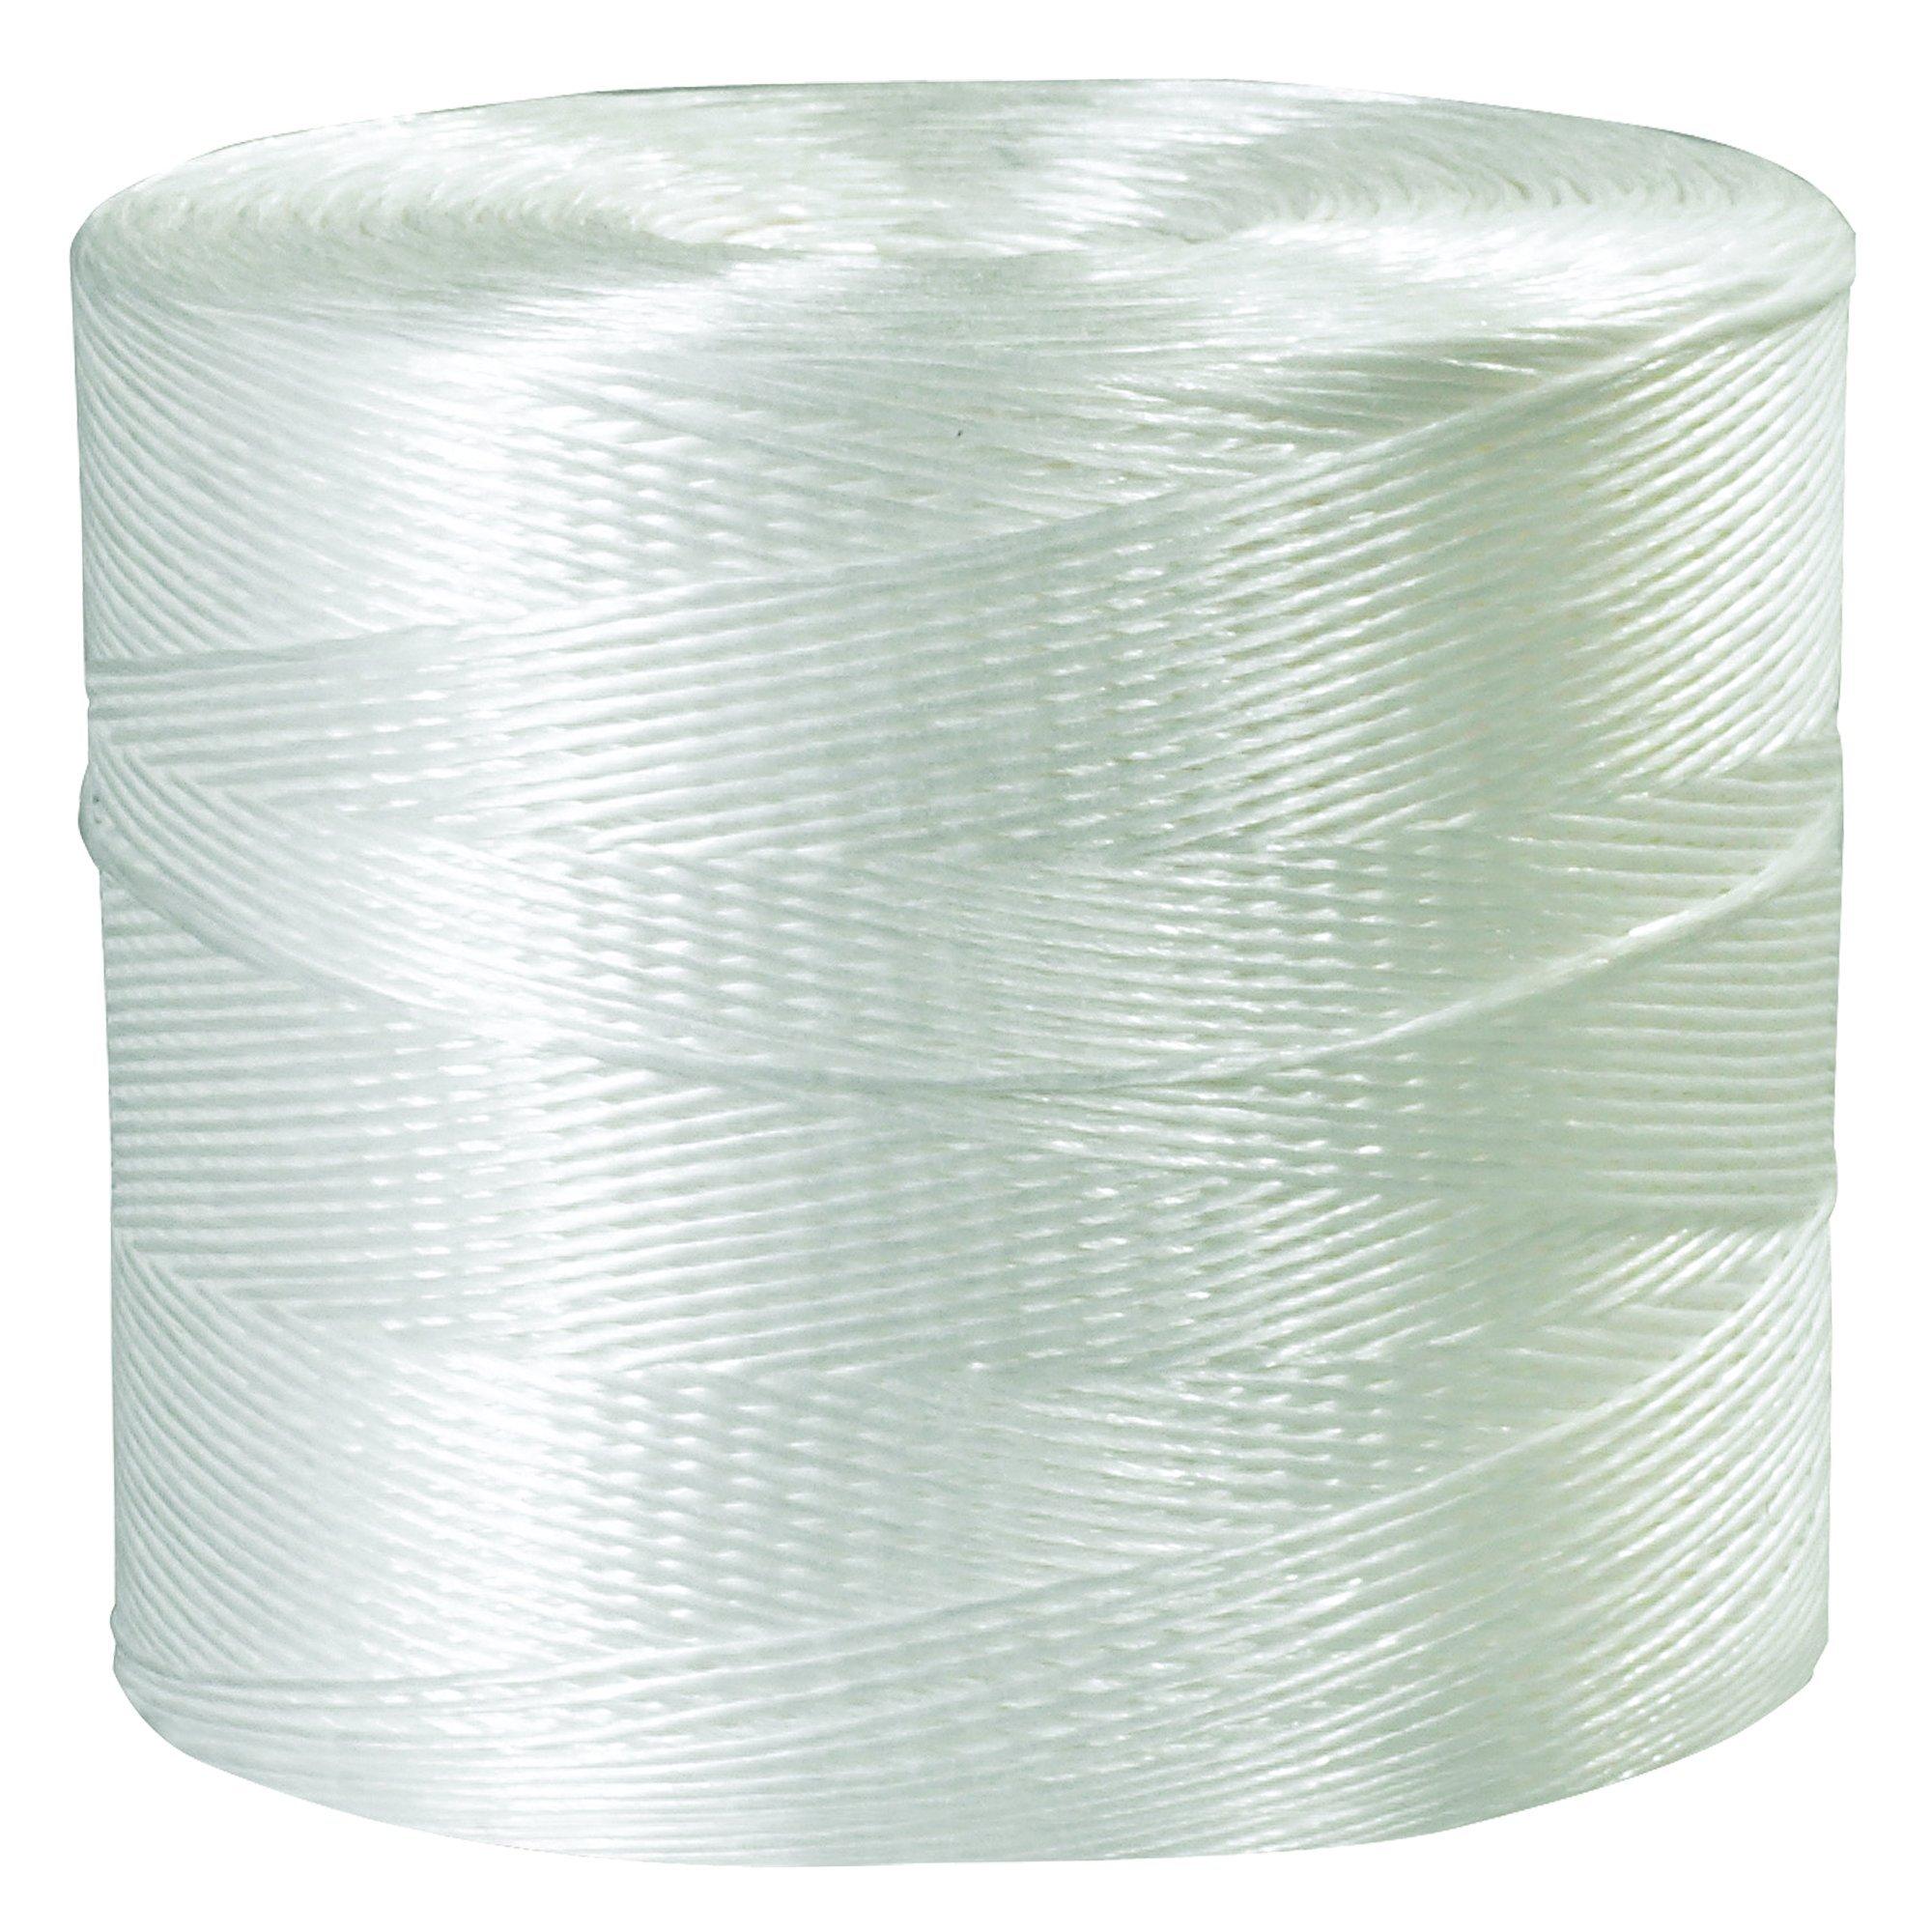 BOX USA BTWT1050 Polypropylene Tying Twine, 1-Ply, 110 lb, White, 10500' per Case by BOX USA